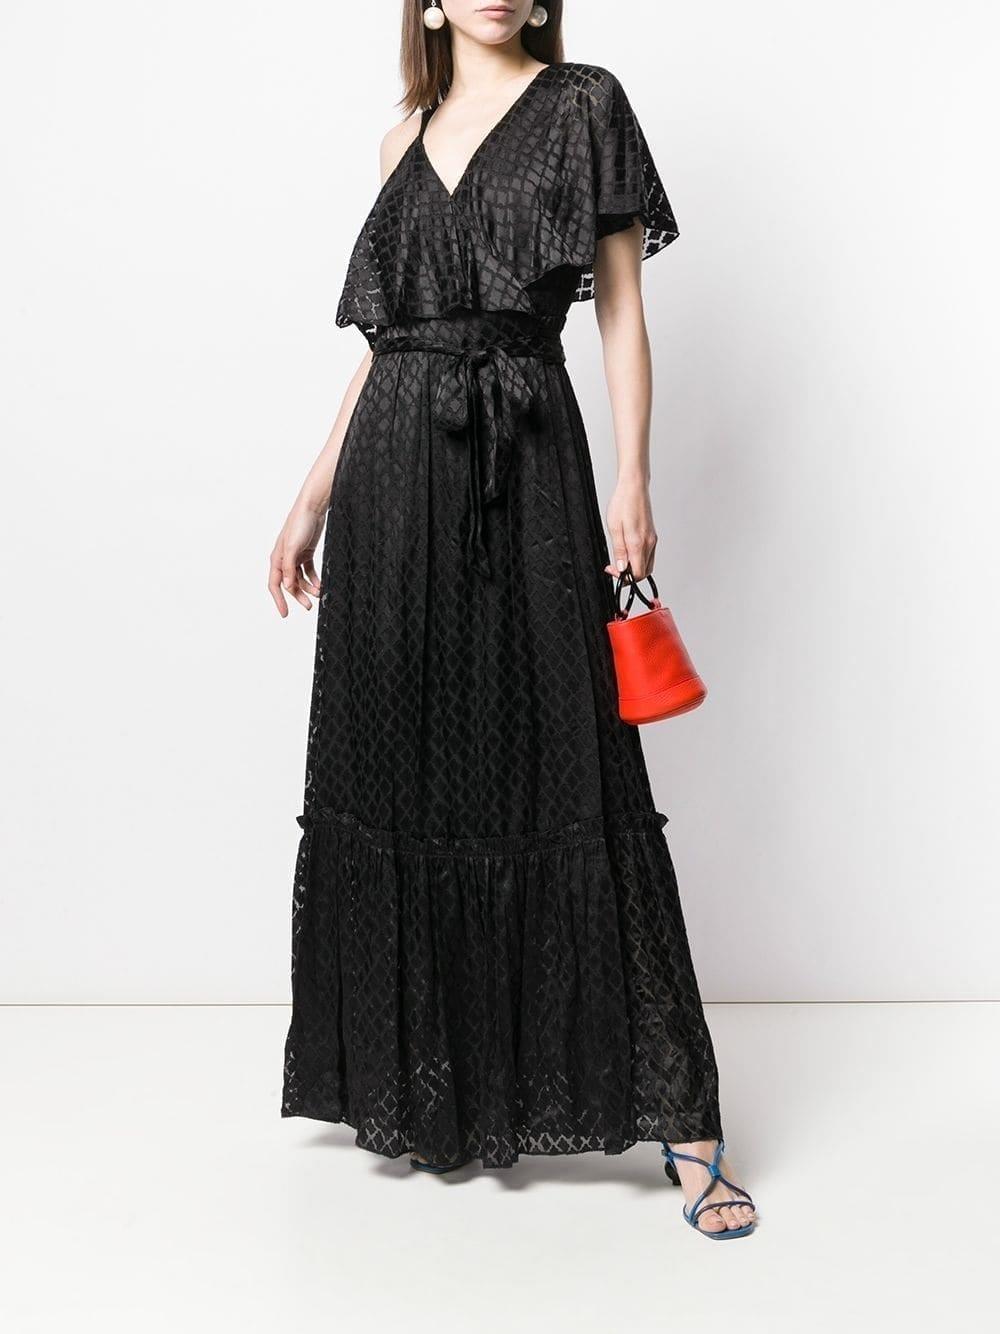 DVF DIANE VON FURSTENBERG Asymmetric Sleeve Black Gown